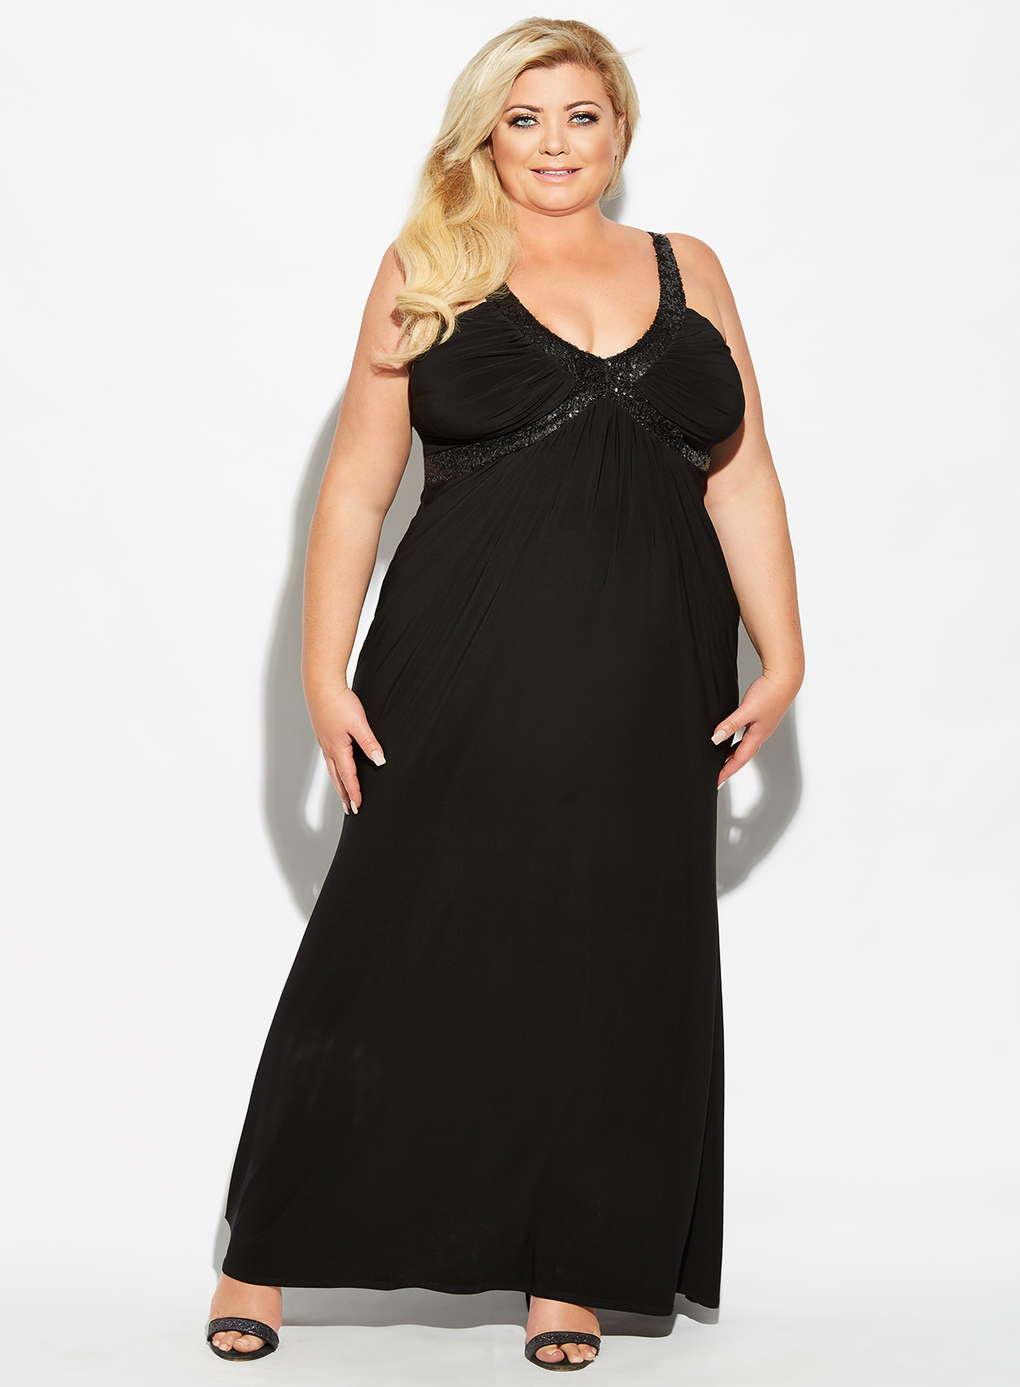 Büyük Beden Uzun Abiye Elbise Modelleri - Gece Elbiseleri - plus size dresses (12)